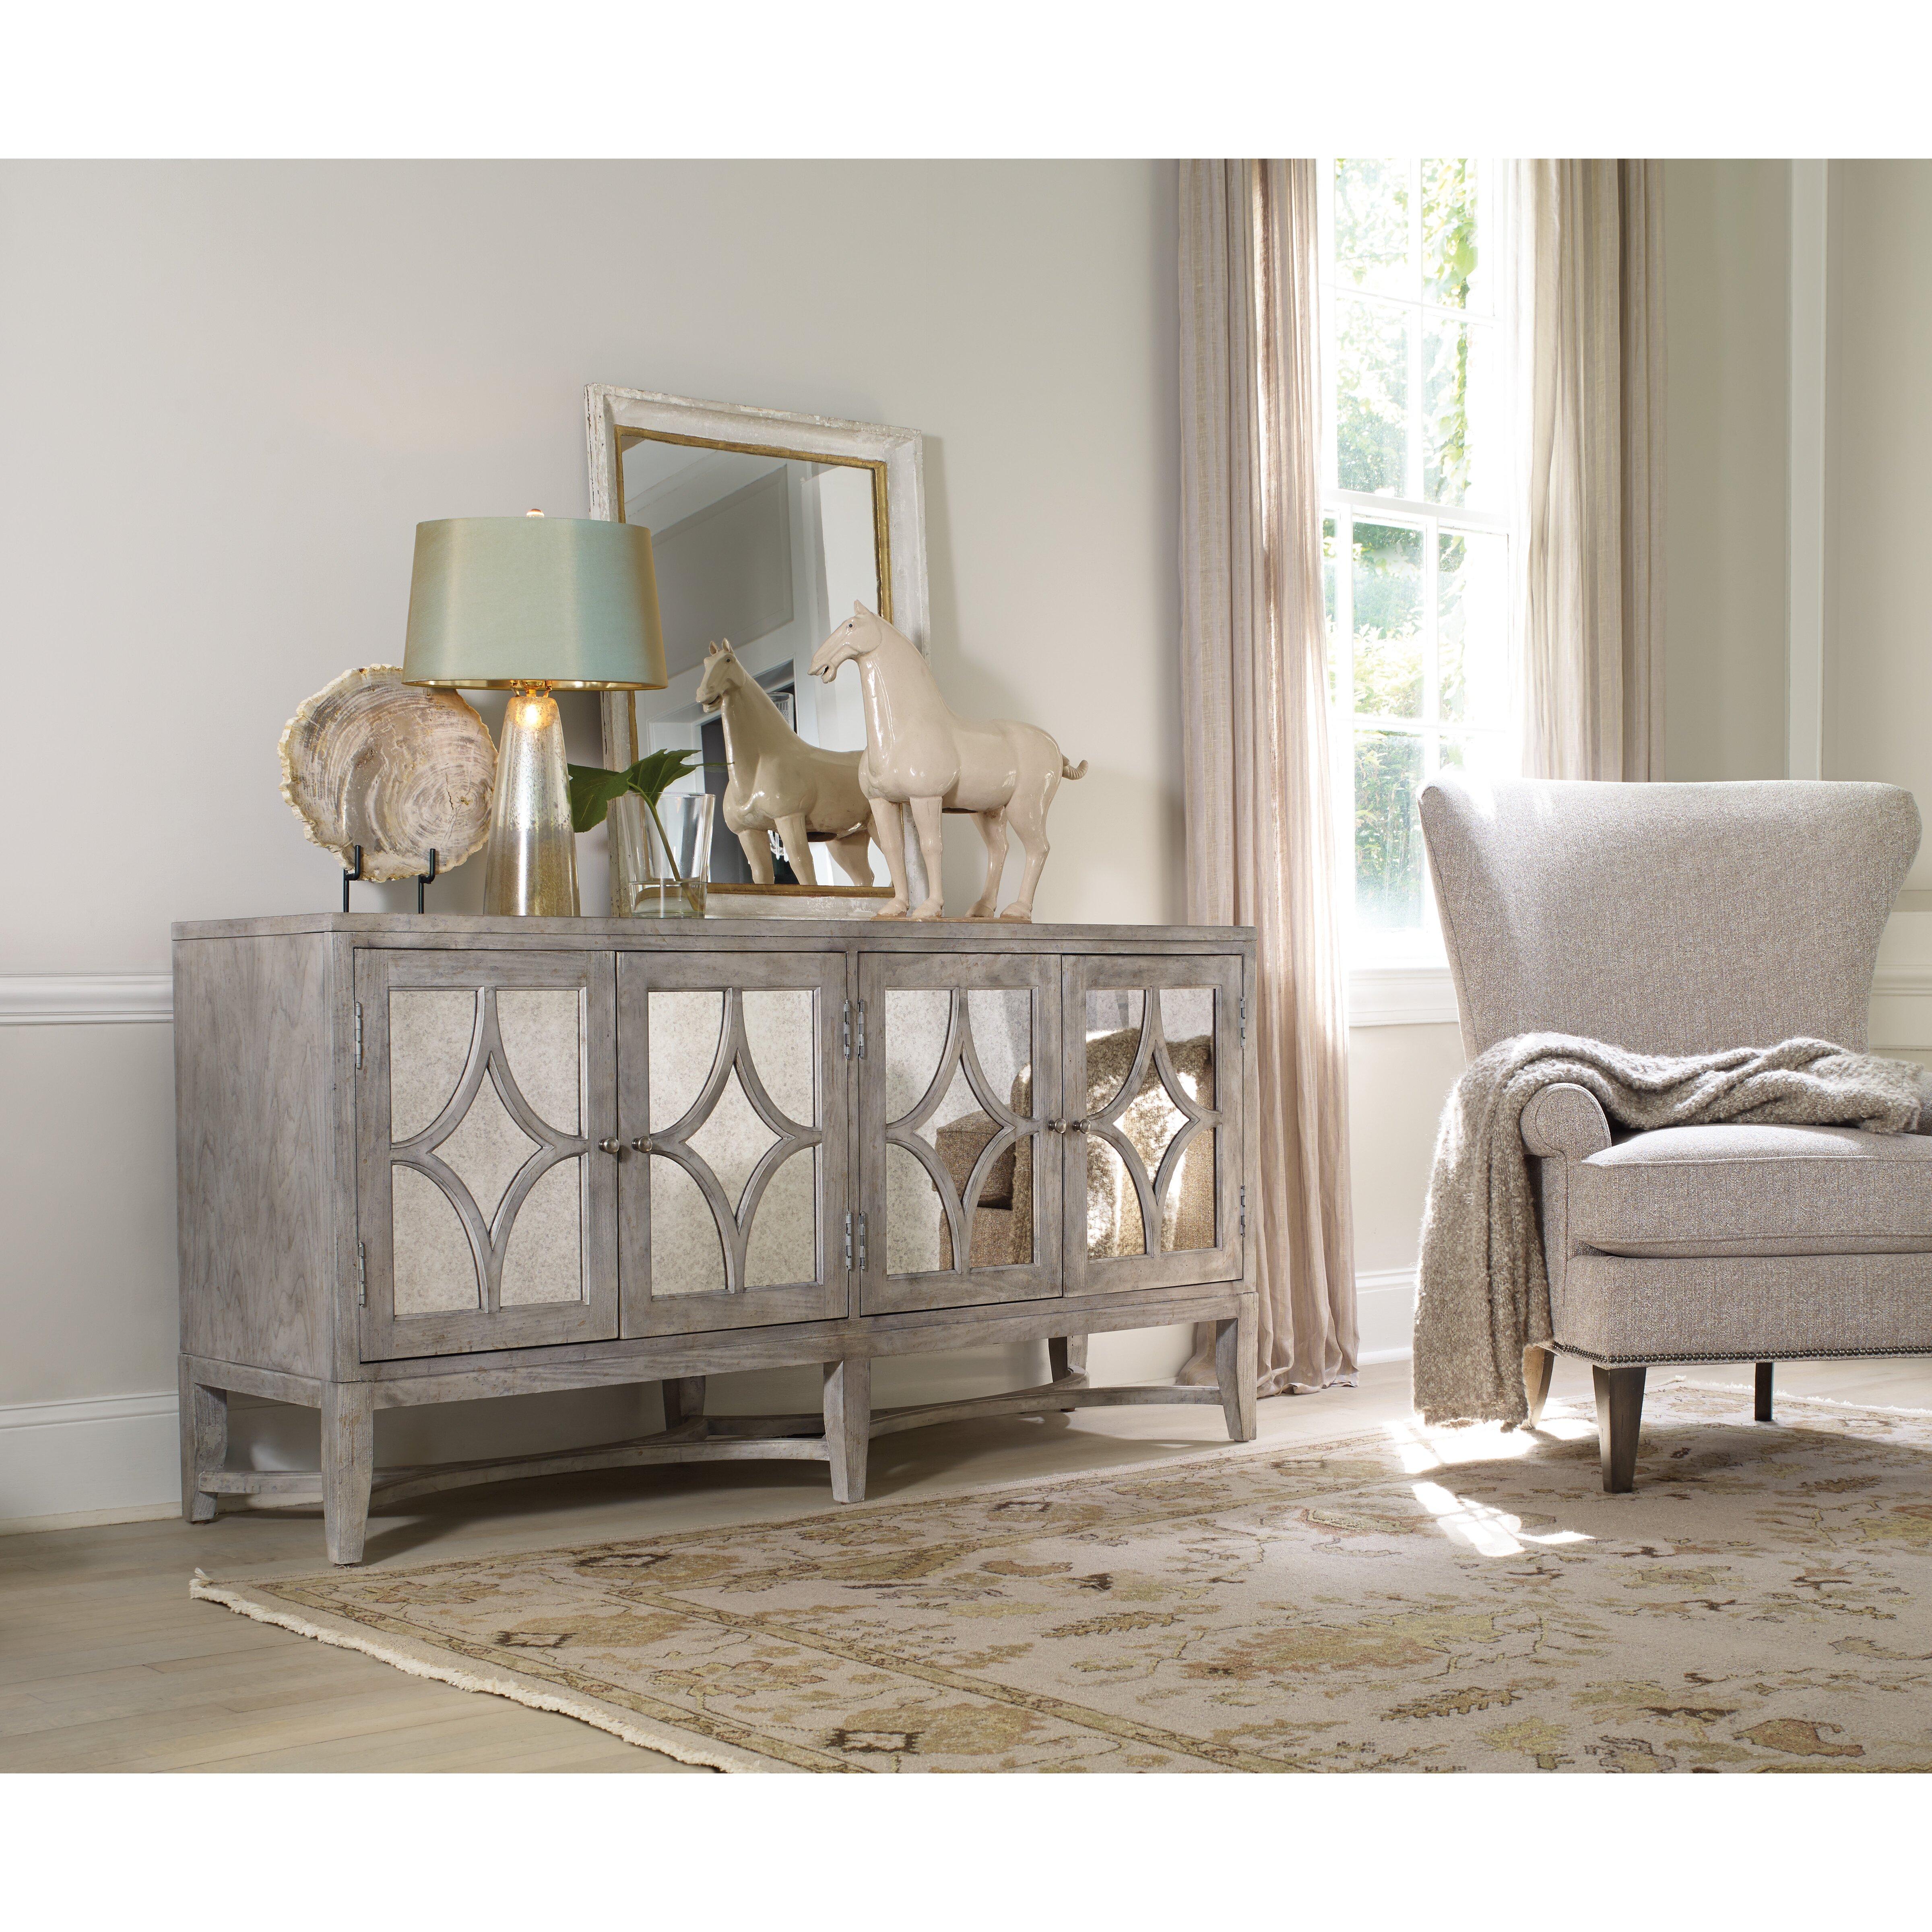 Hooker Furniture Melange Sideboard & Reviews